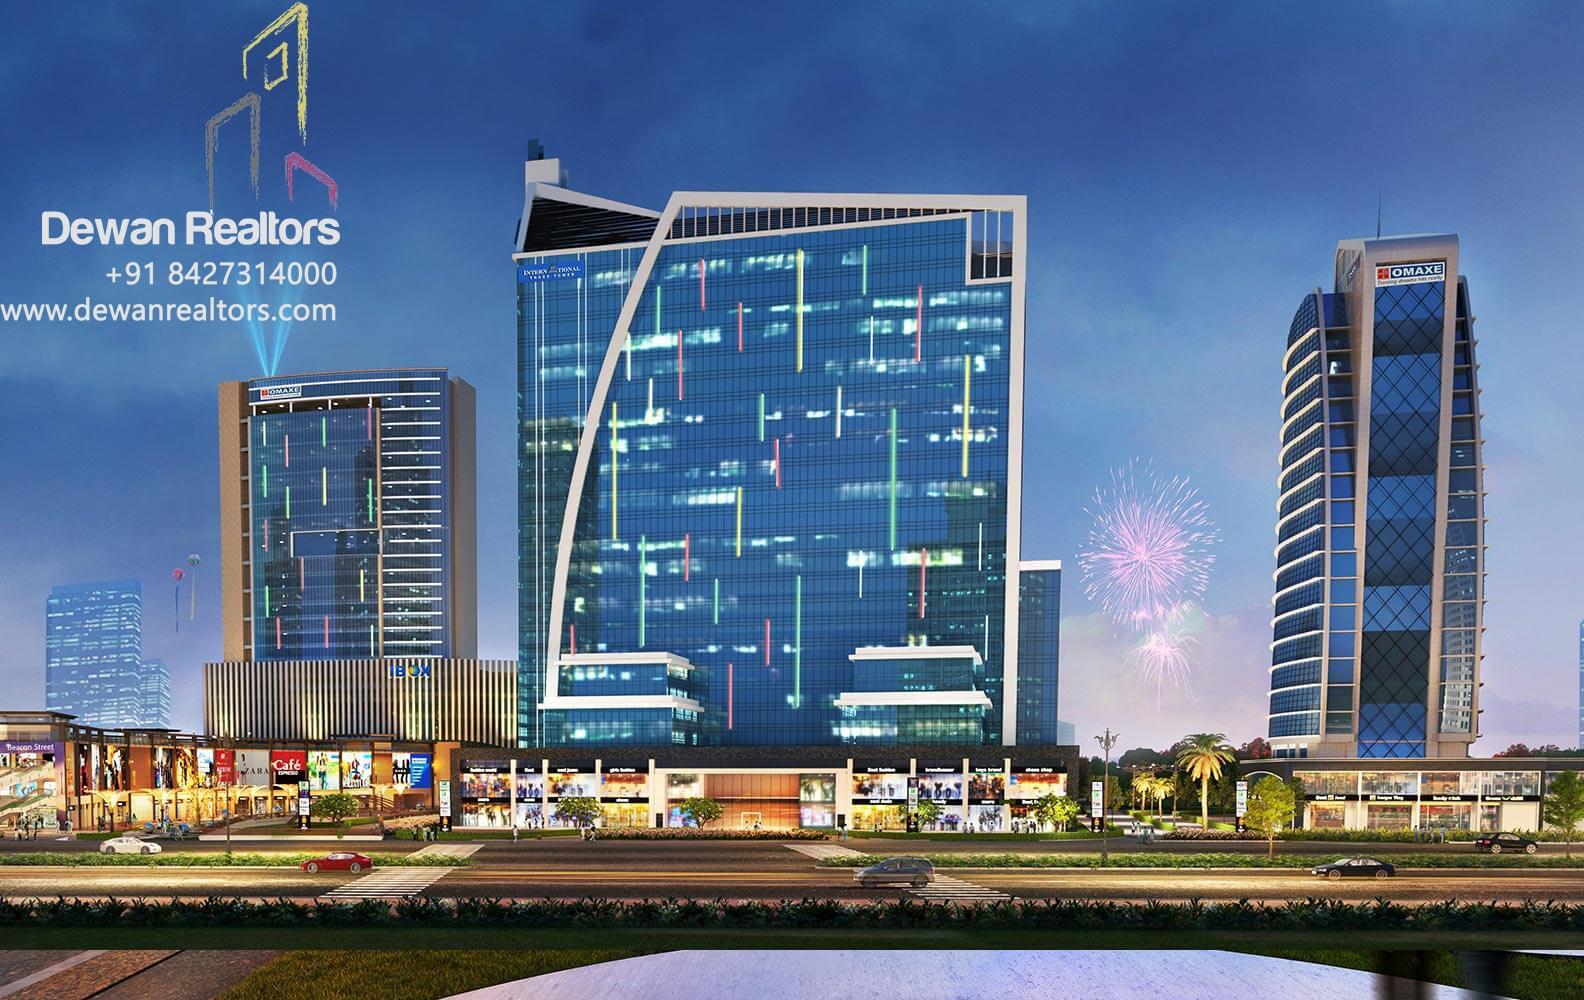 Omaxe Beacon Street, New Chandgarh, Mullanpur - Commercial in Chandigarh, Shops in Chandigarh, Showrooms in Chandigarh